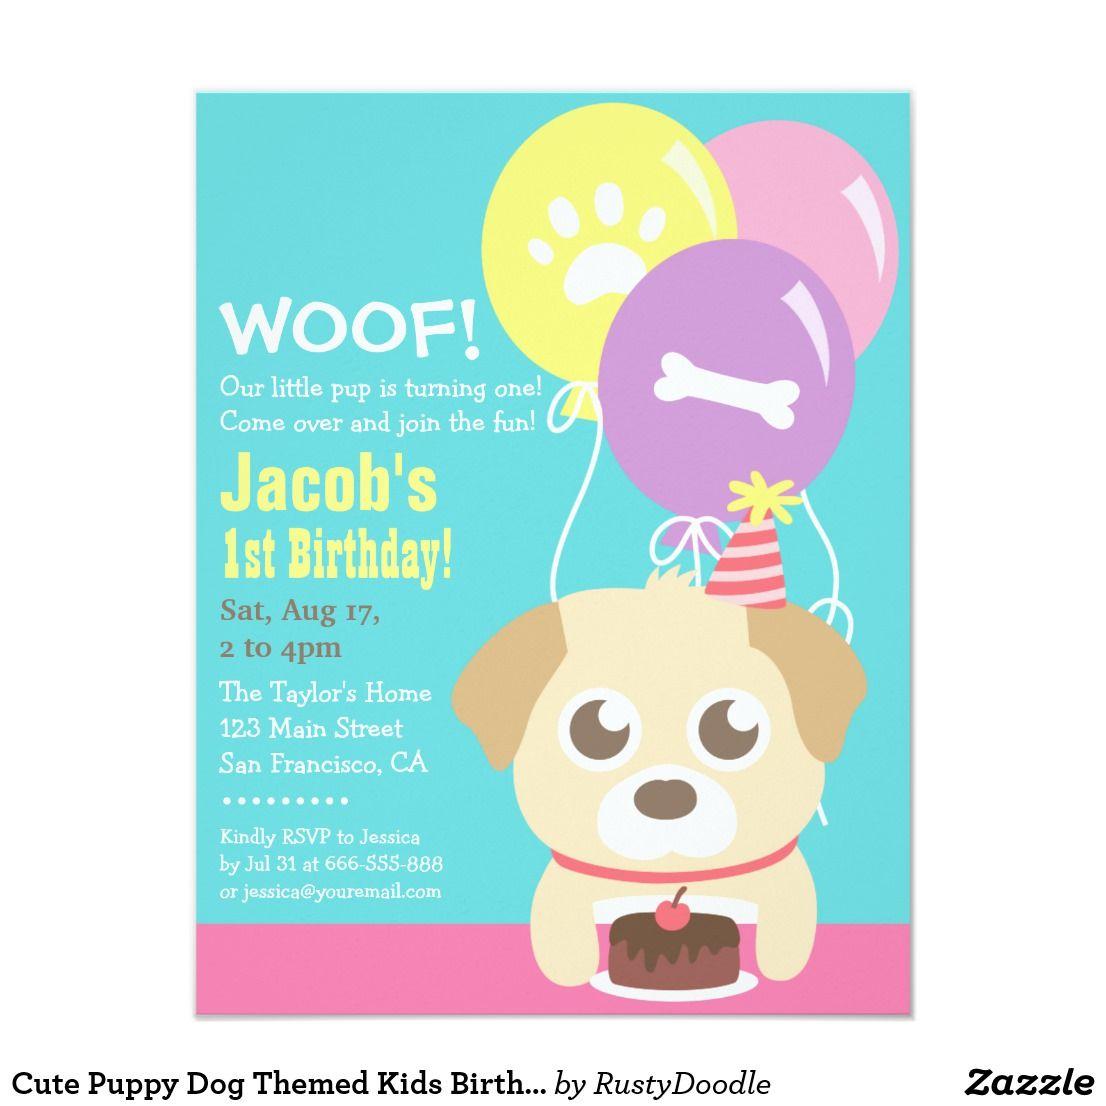 Cute Puppy Dog Themed Kids Birthday Party Invitation | Birthdays